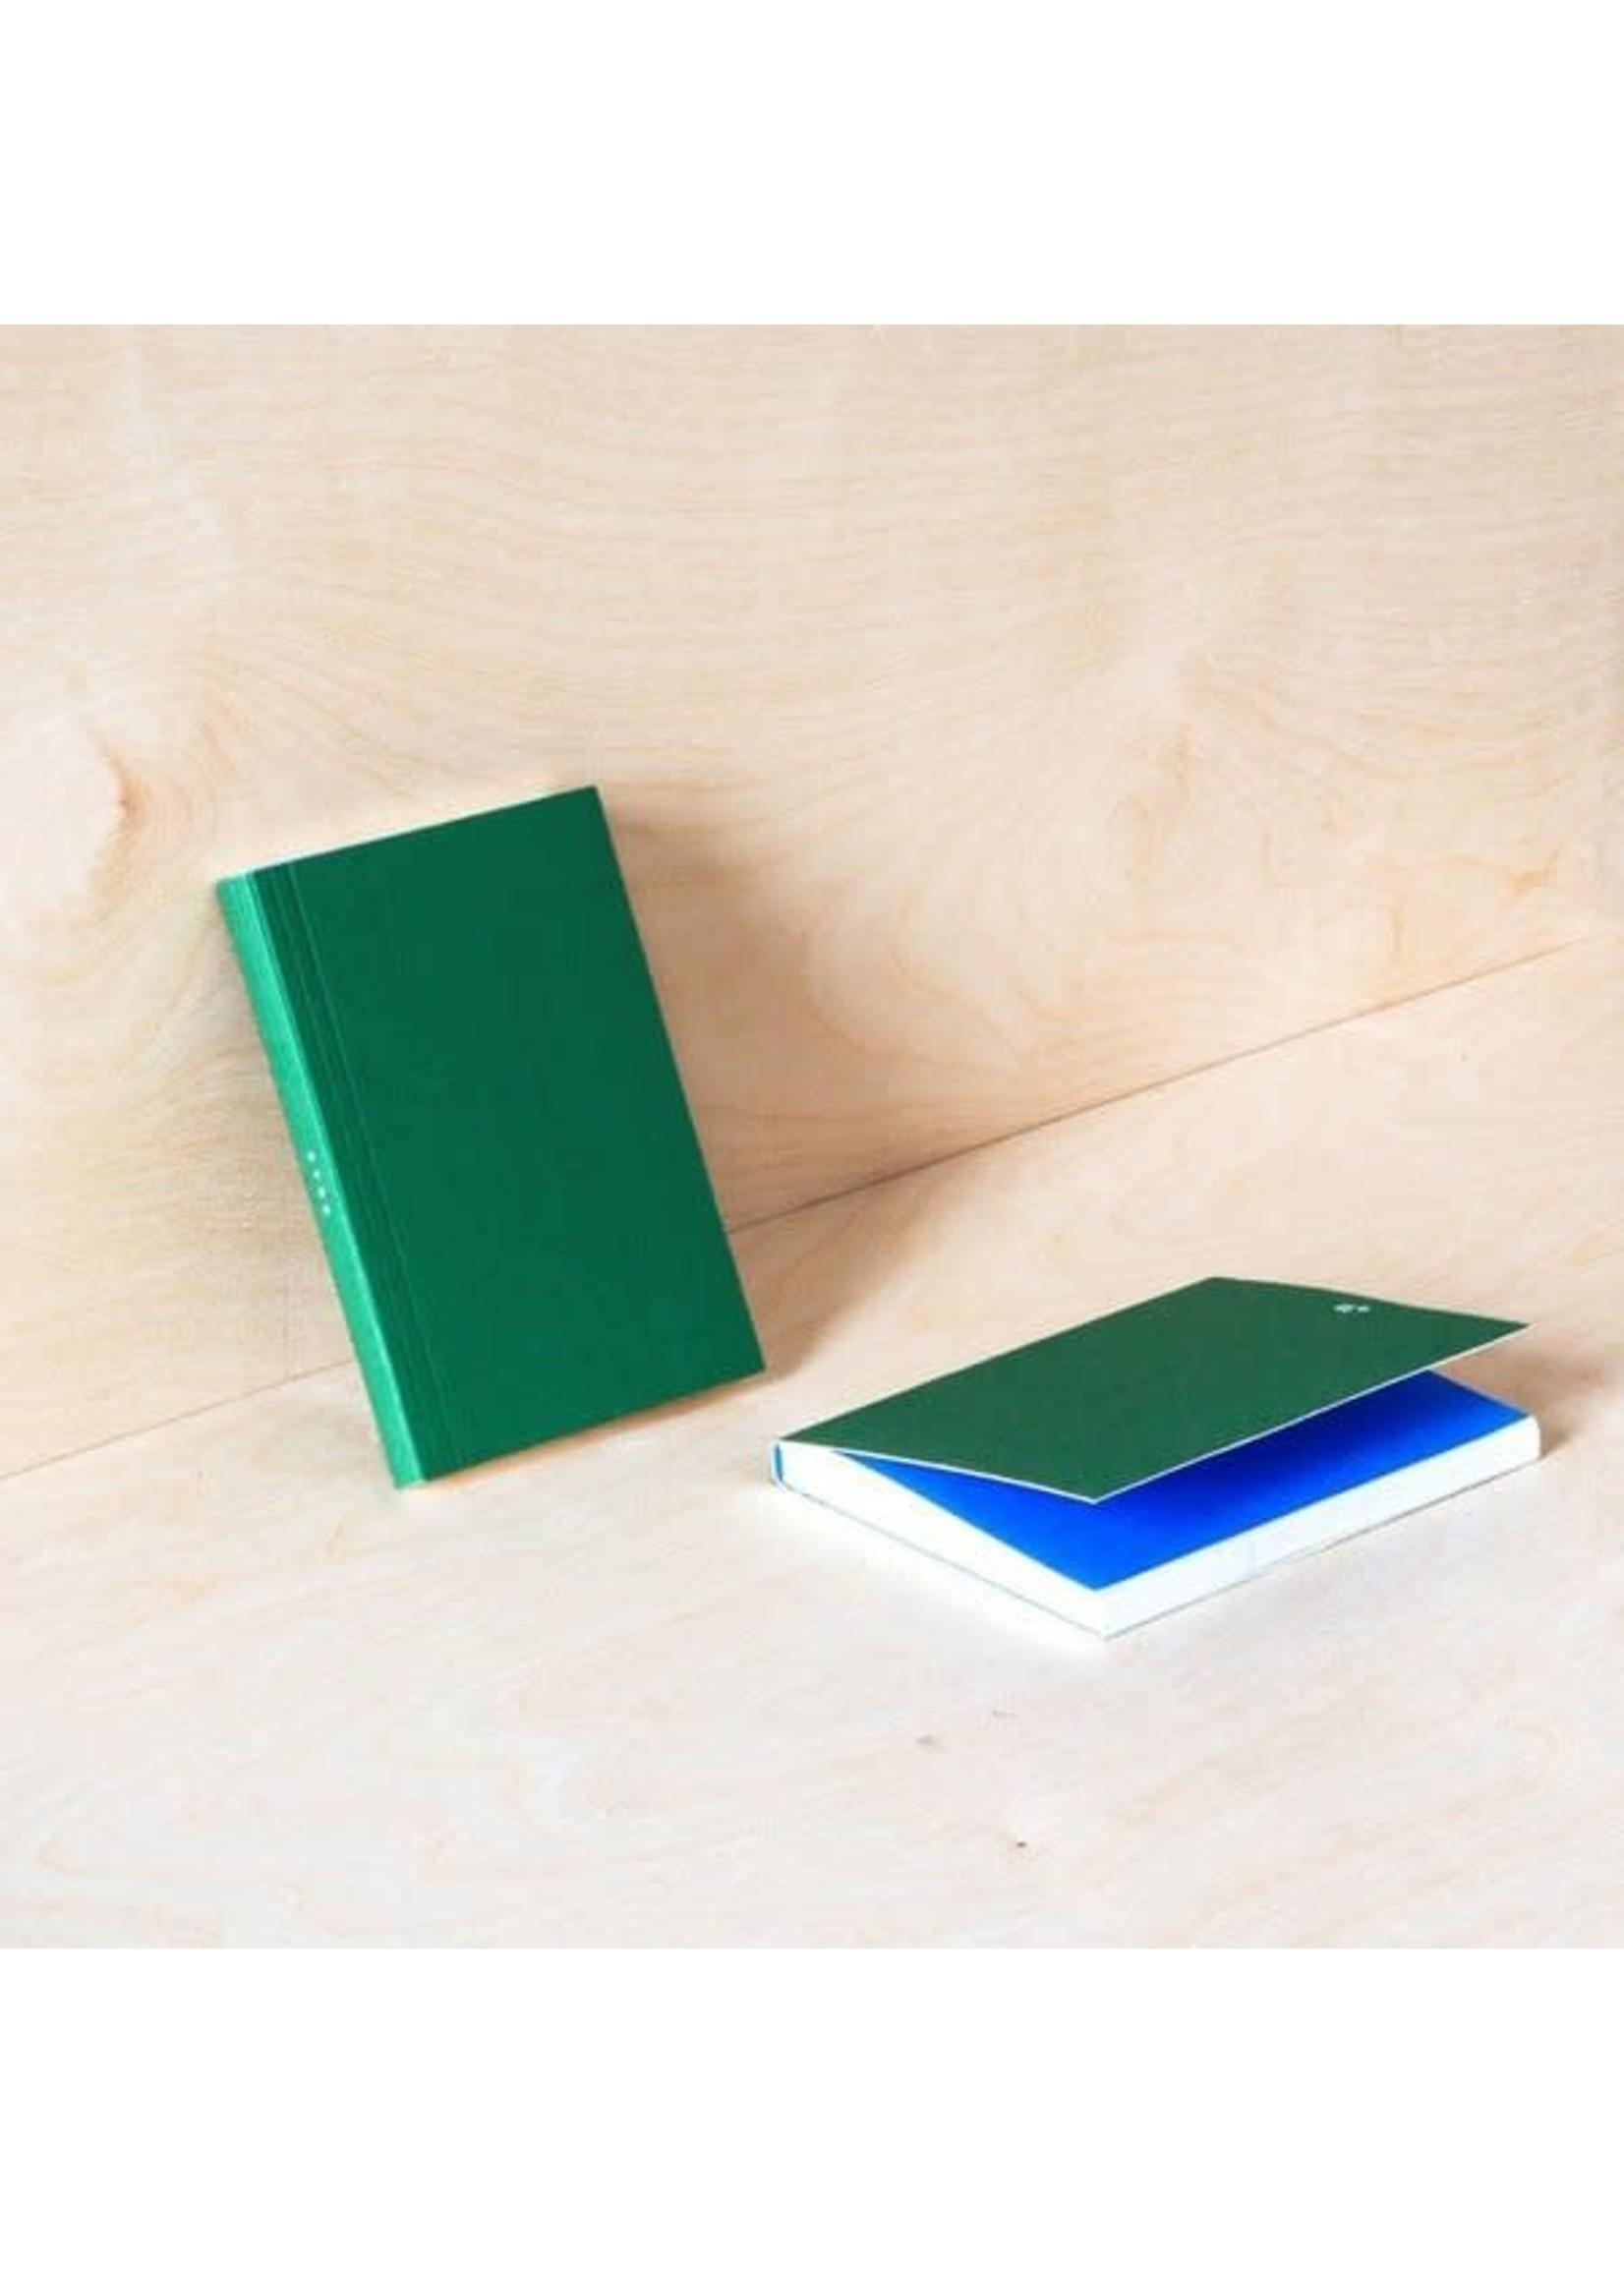 Ola Ola Pocket Layflat Weekly Planner in Green/Blue